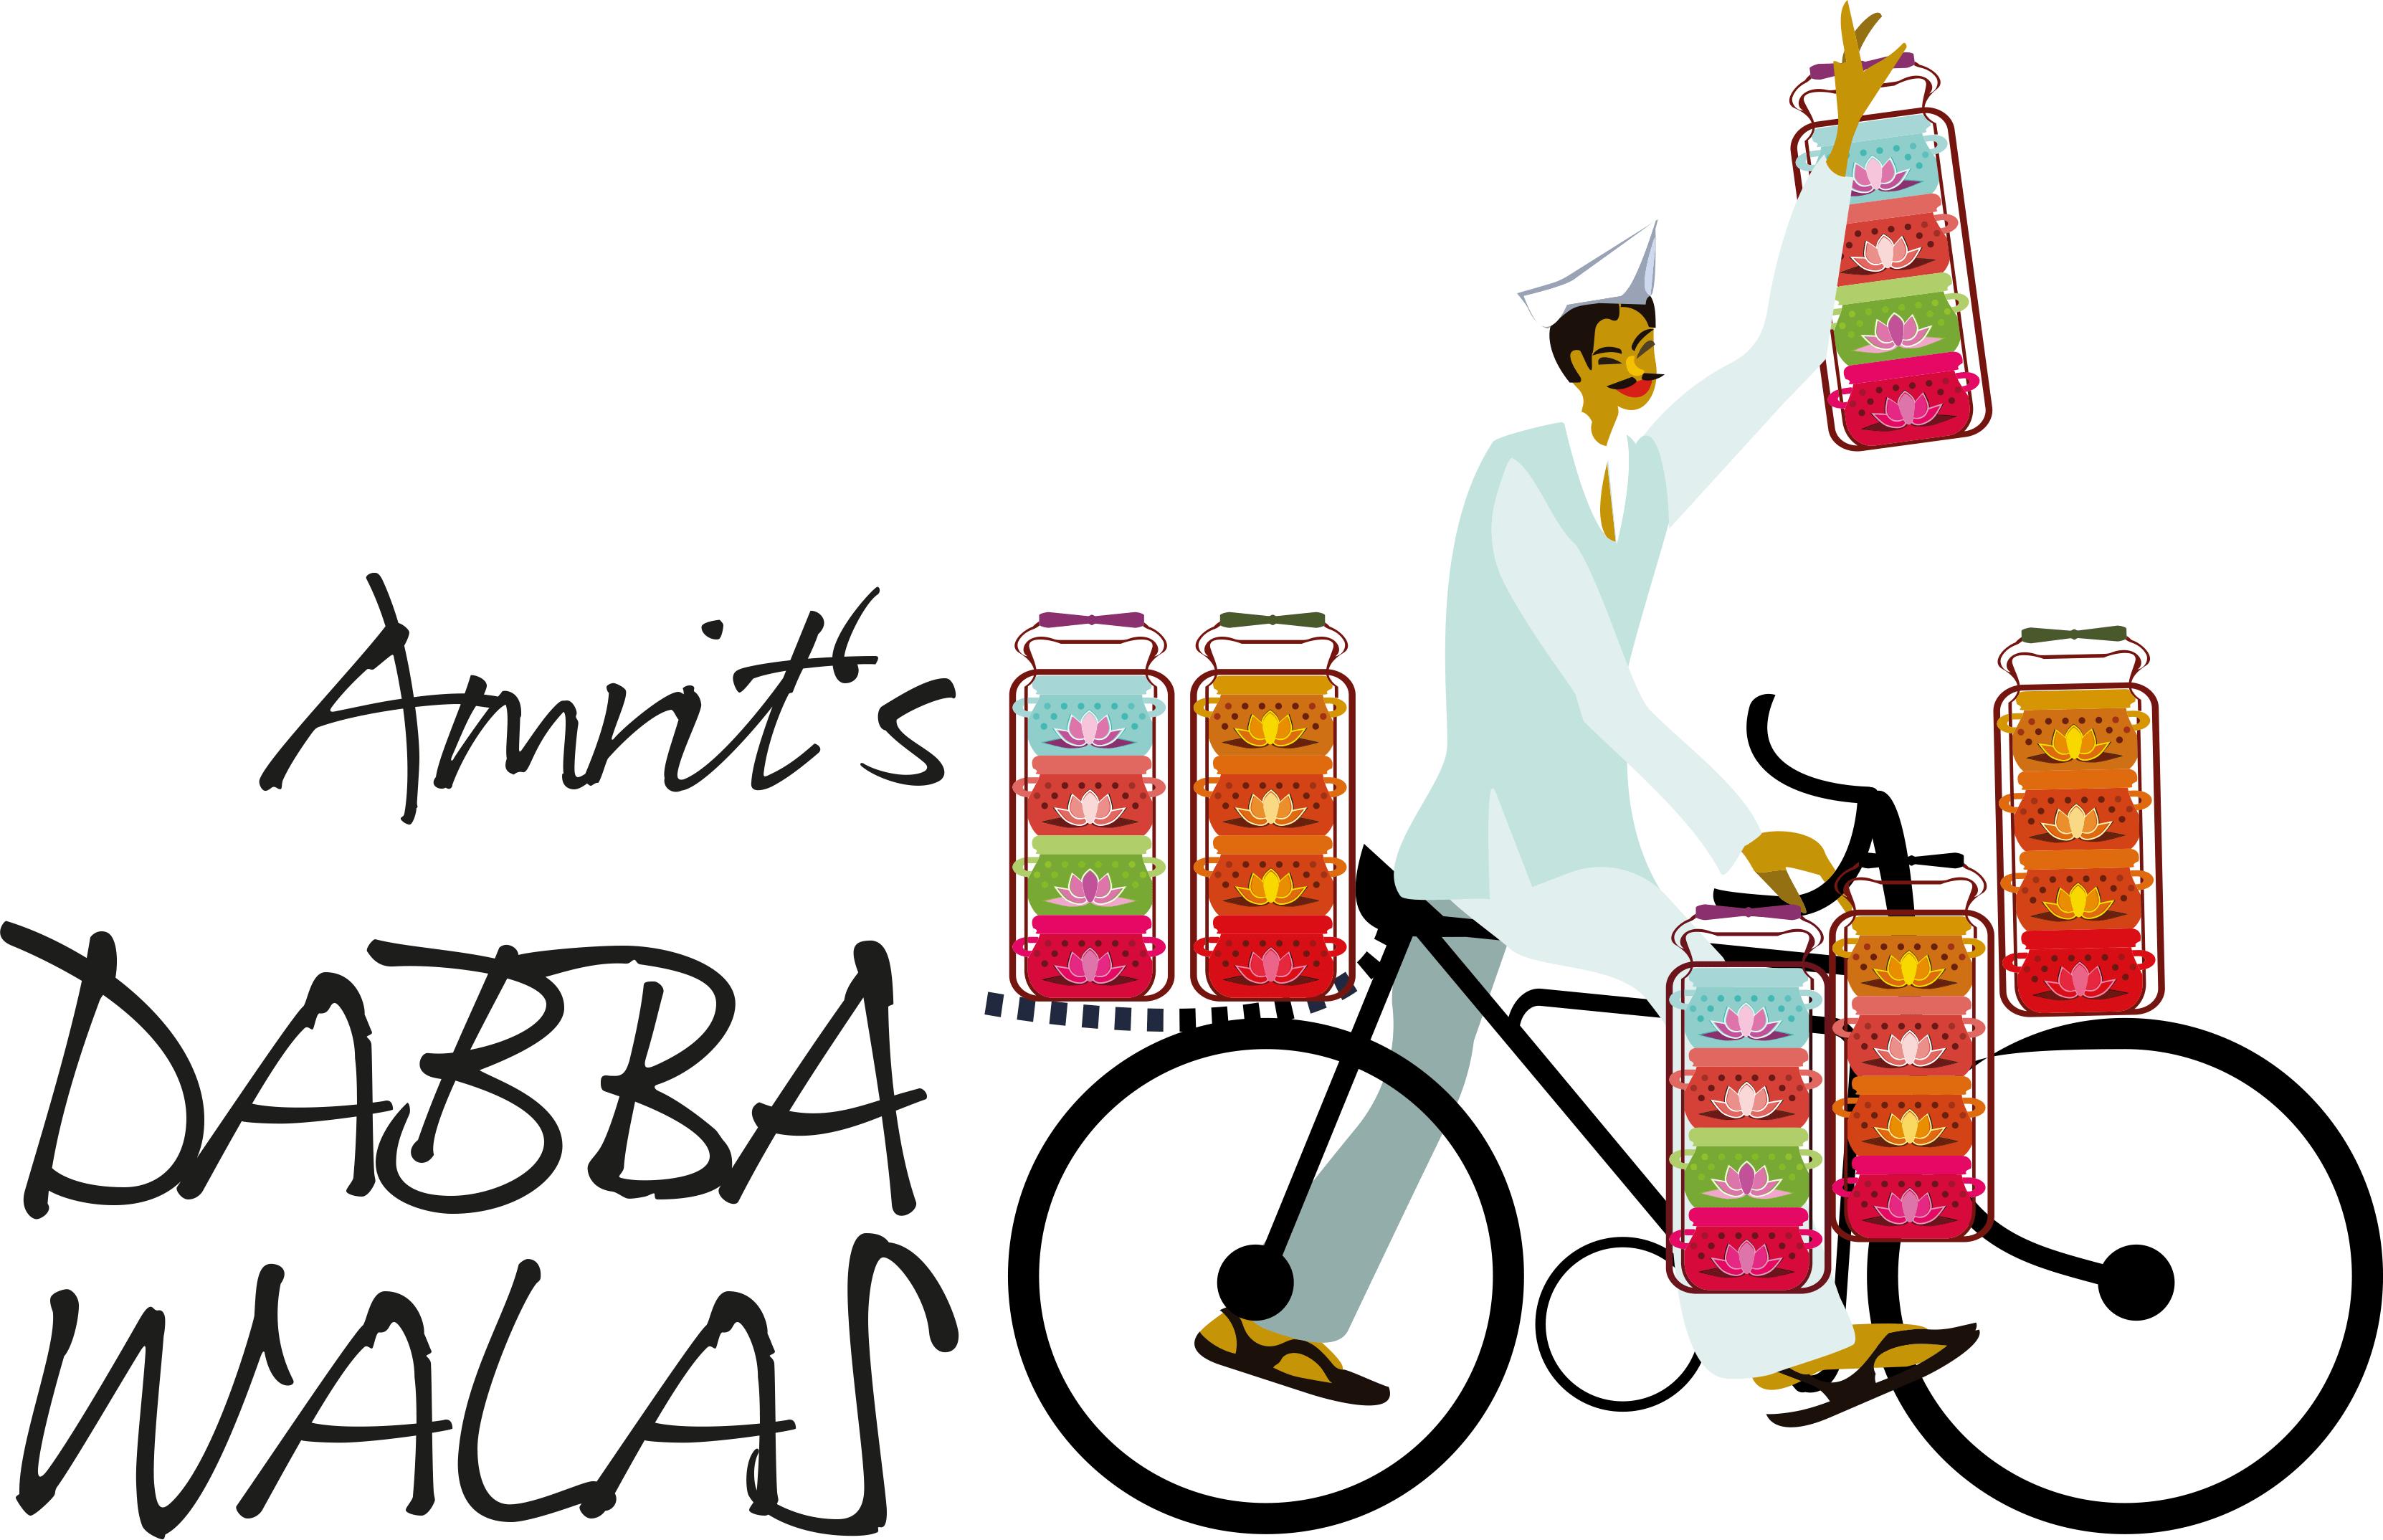 Amrit Lieferdienst - Dein indischer Lieferservice in Berlin Logo